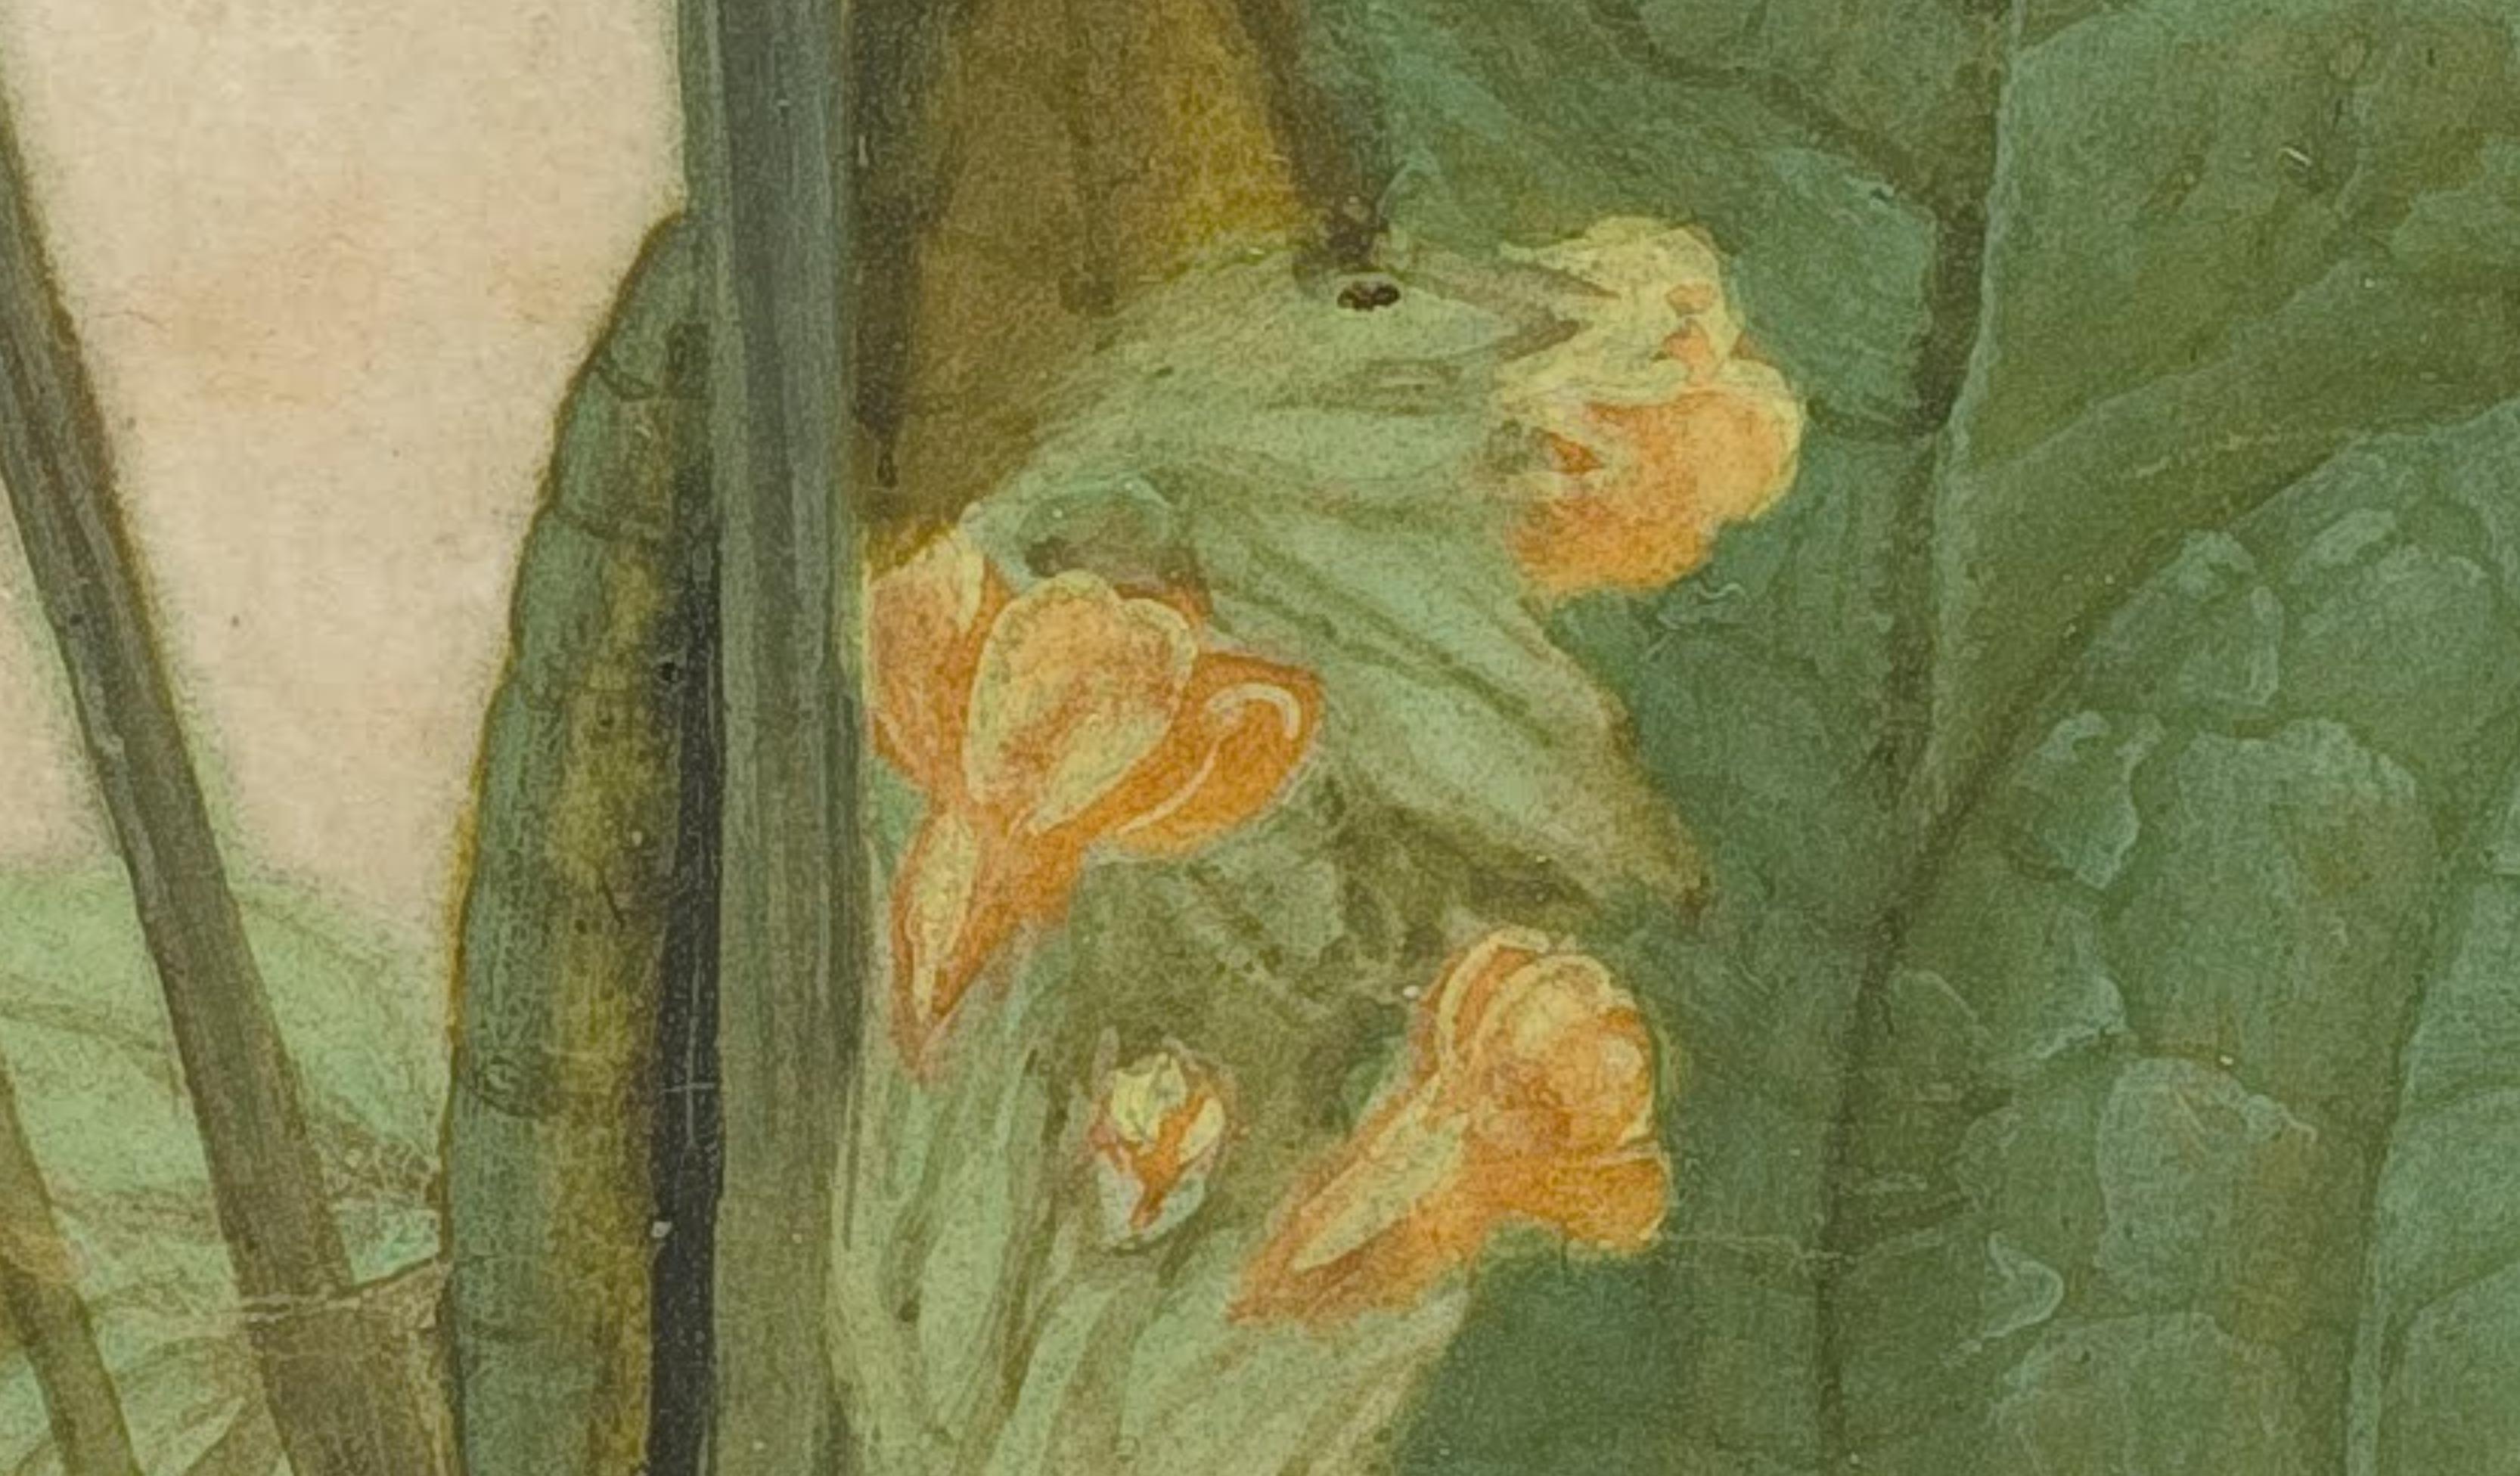 14Screenshot_2018-11-25 Albrecht_Dürer_-_Tuft_of_Cowslips_-_Google_Art_Project jpg (JPEG Image, 3574 × 4145 pixels)